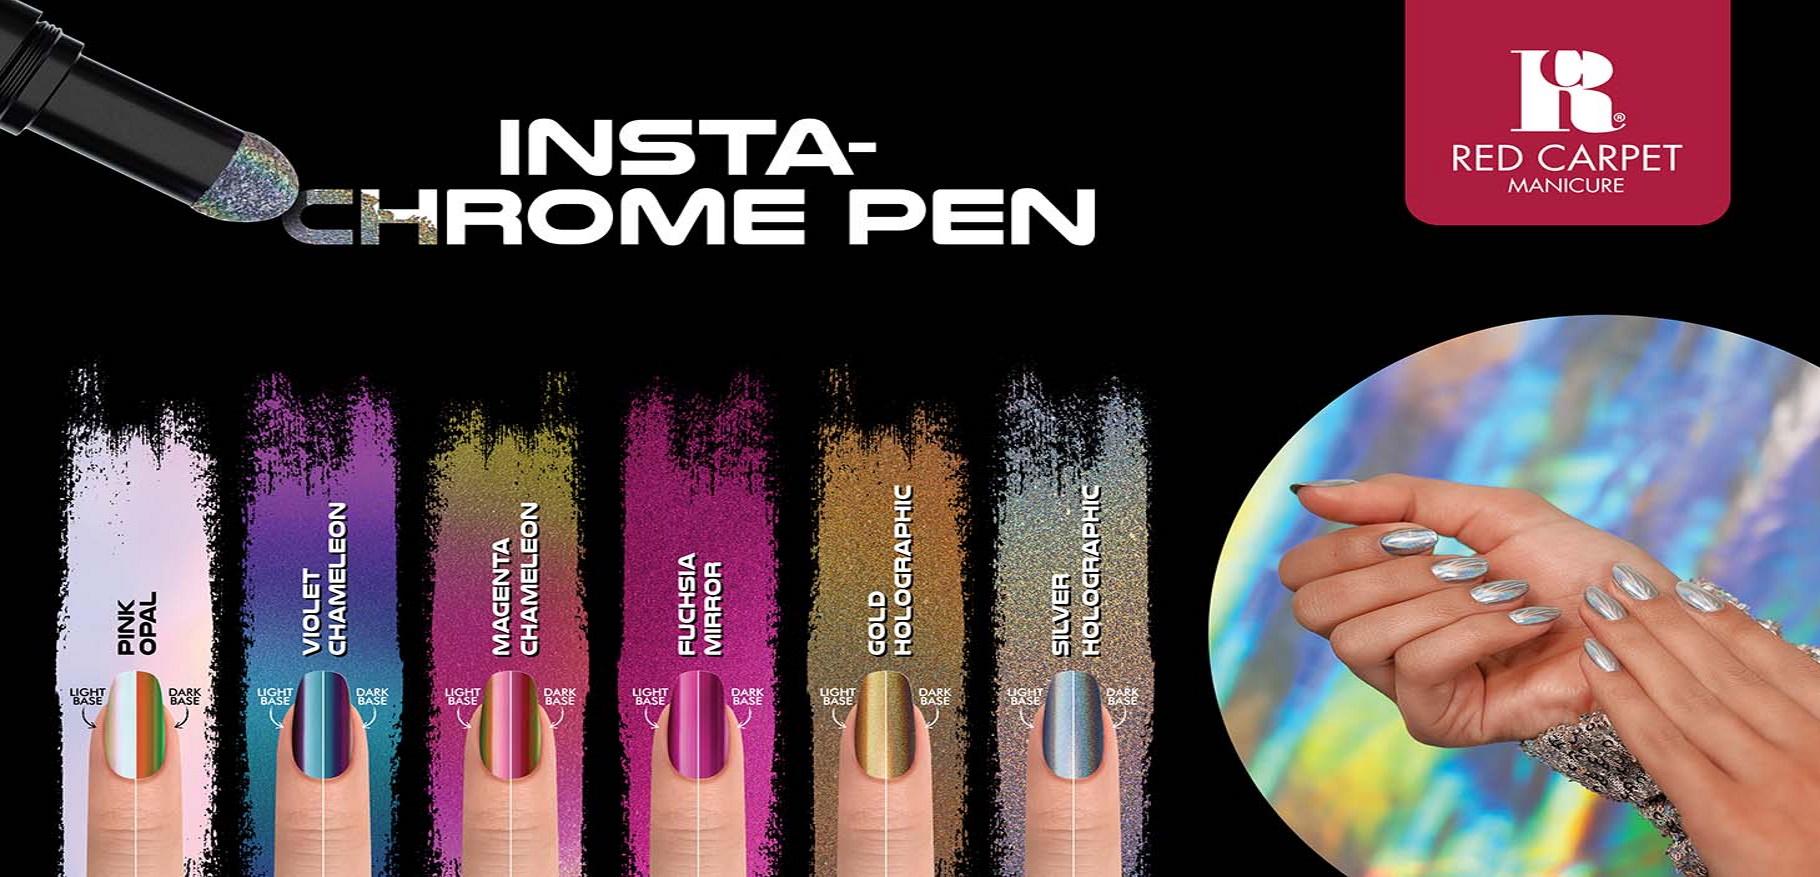 Insta-Chrome Pens